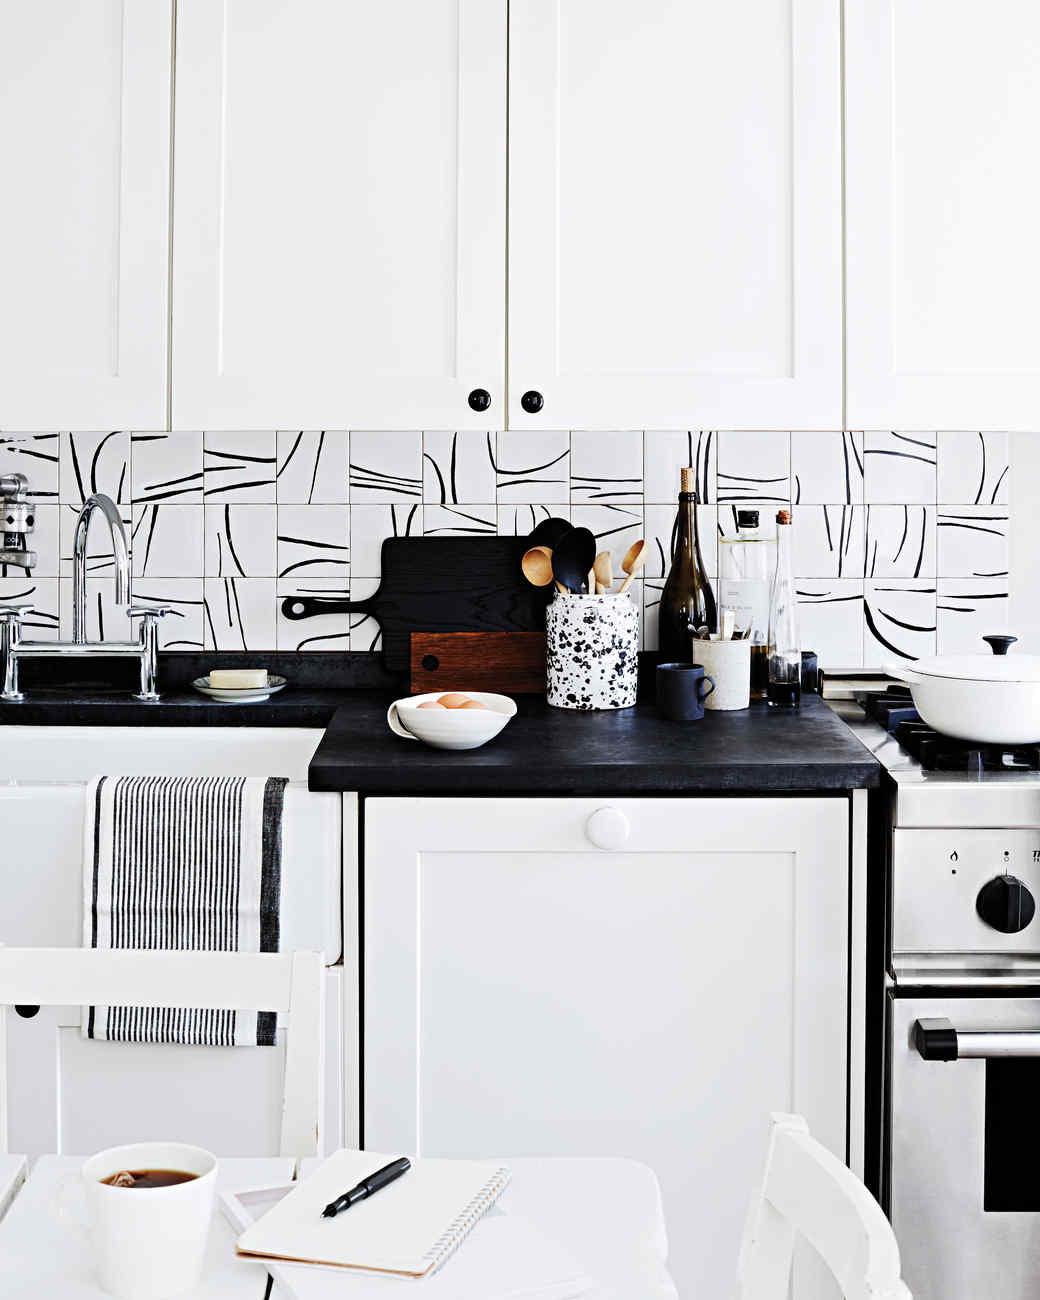 hand painted tile backsplash martha stewart kitchen backsplash colorful painted diy kitchen backsplash kitchen